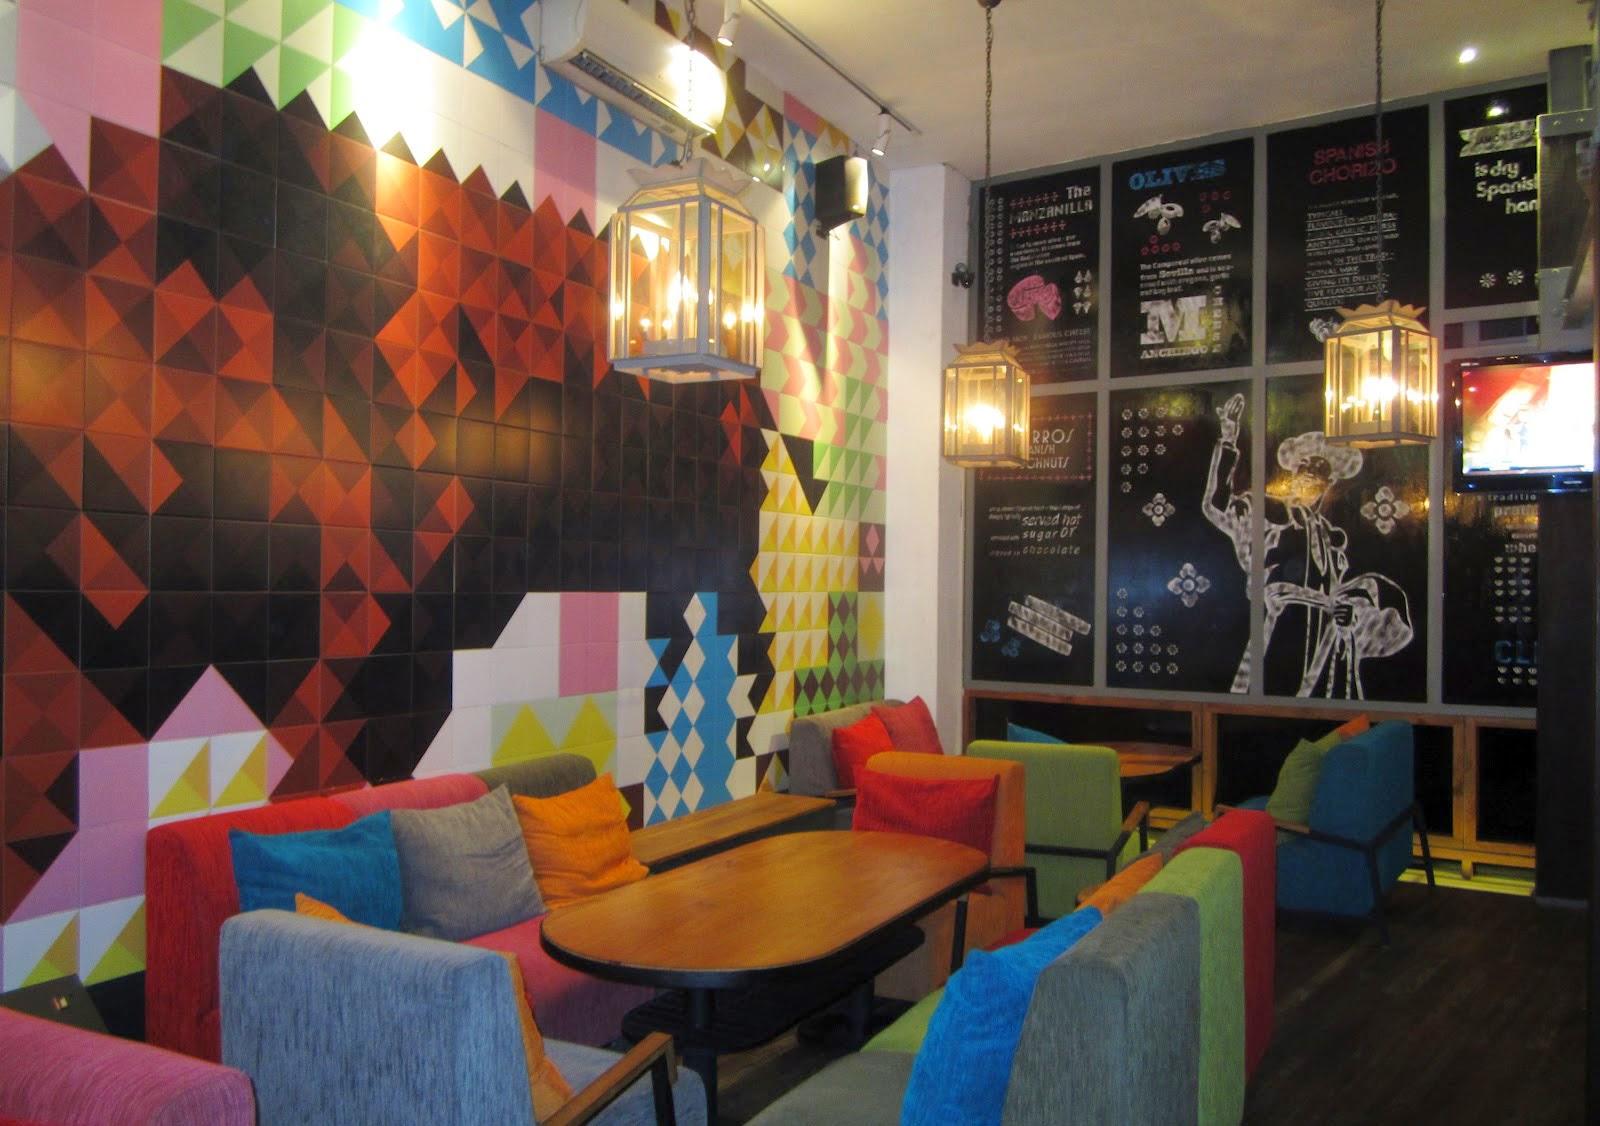 Soleluna Cafe